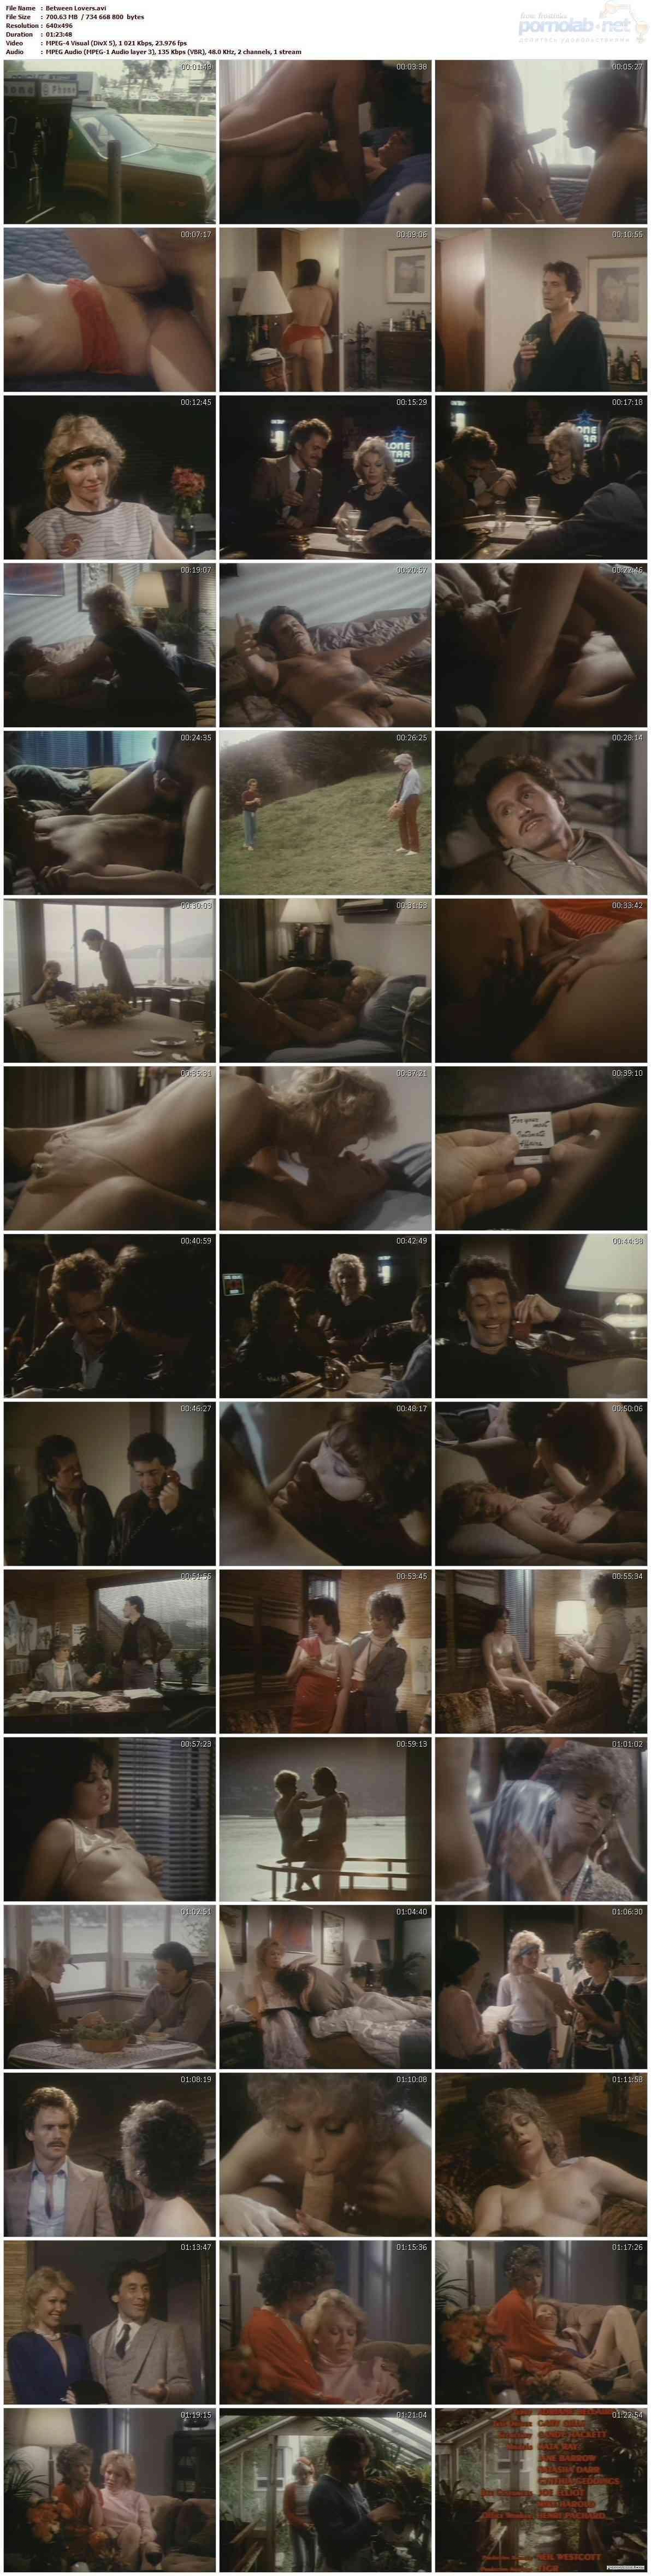 [Classic XXX]Between Lovers (1975) DVDRip